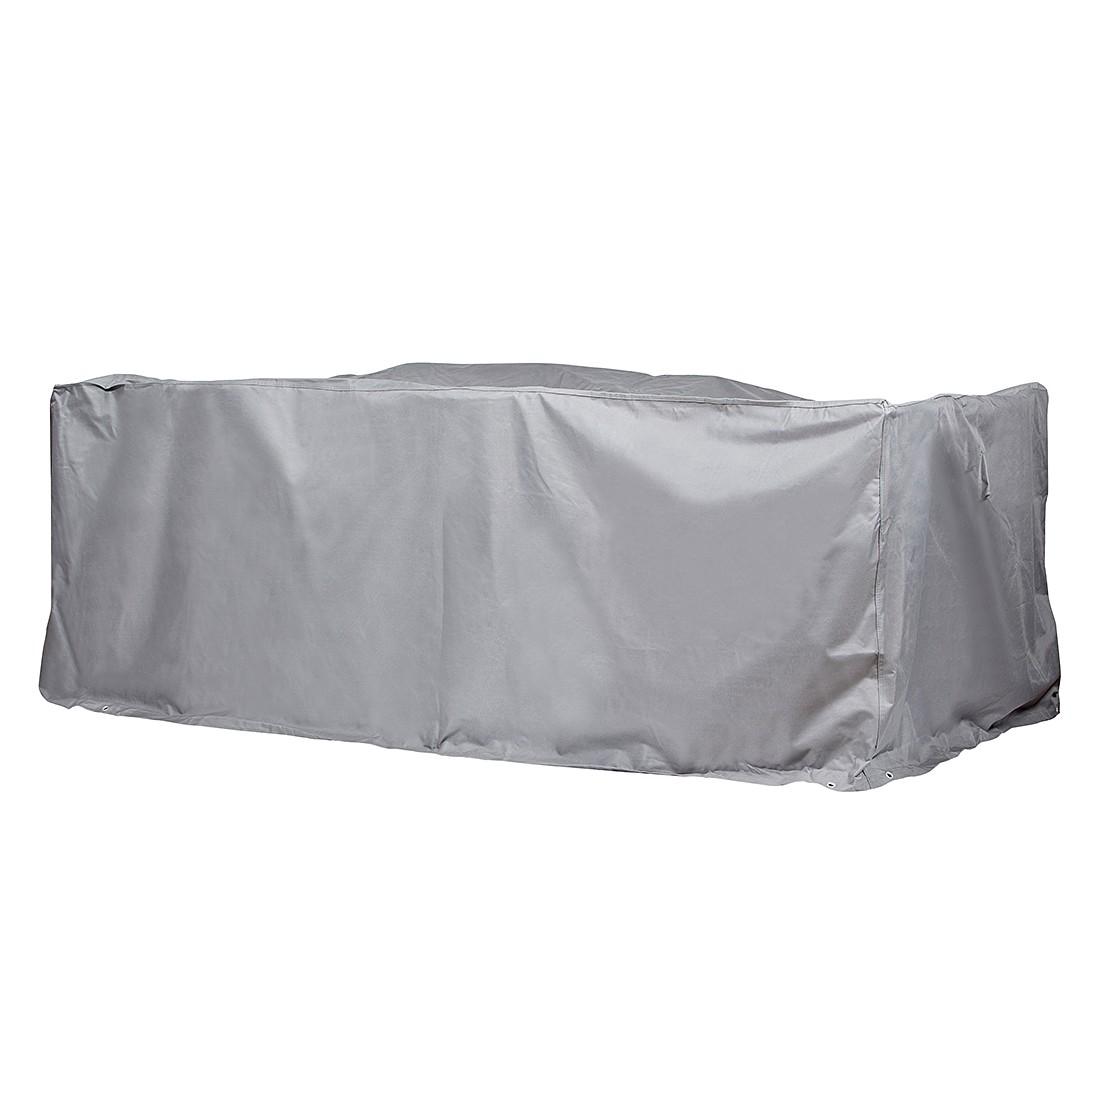 Schutzhülle Premium für rechteckige Sitzgruppe (320 x 220 cm) - Polyester, mehr Garten